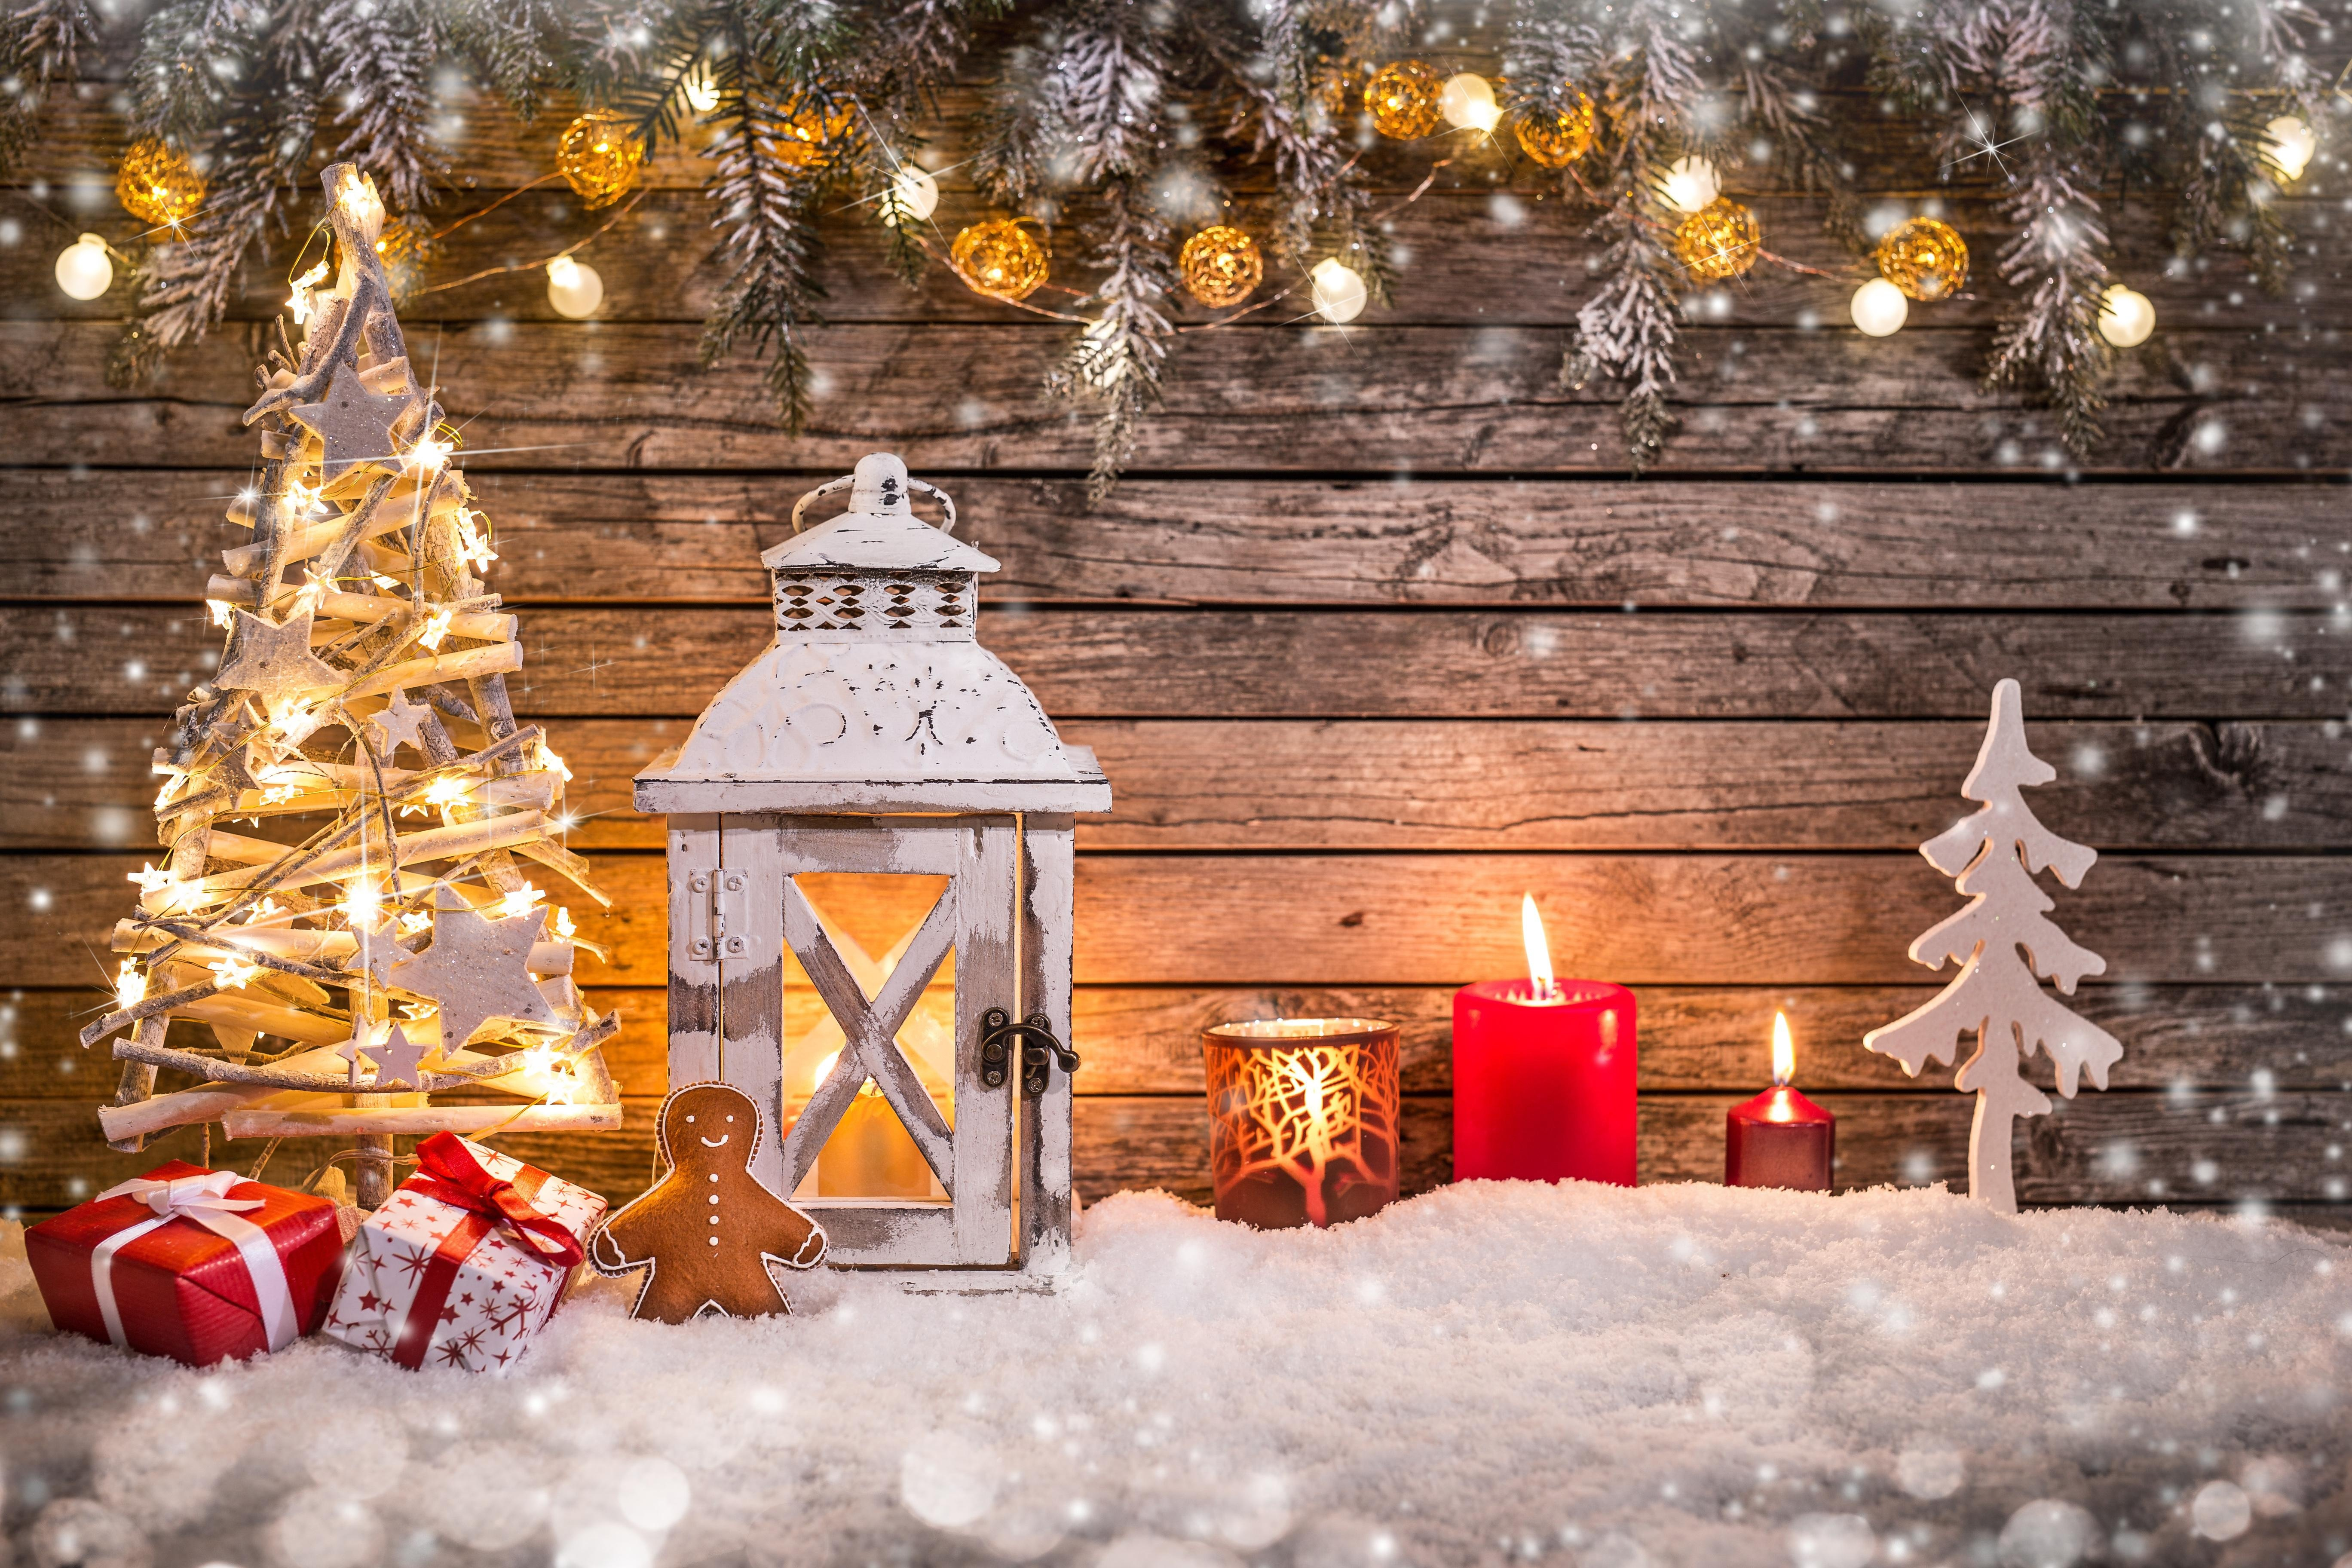 Картинка: Новый год, елка, подарки, украшение, фонарь, свечи